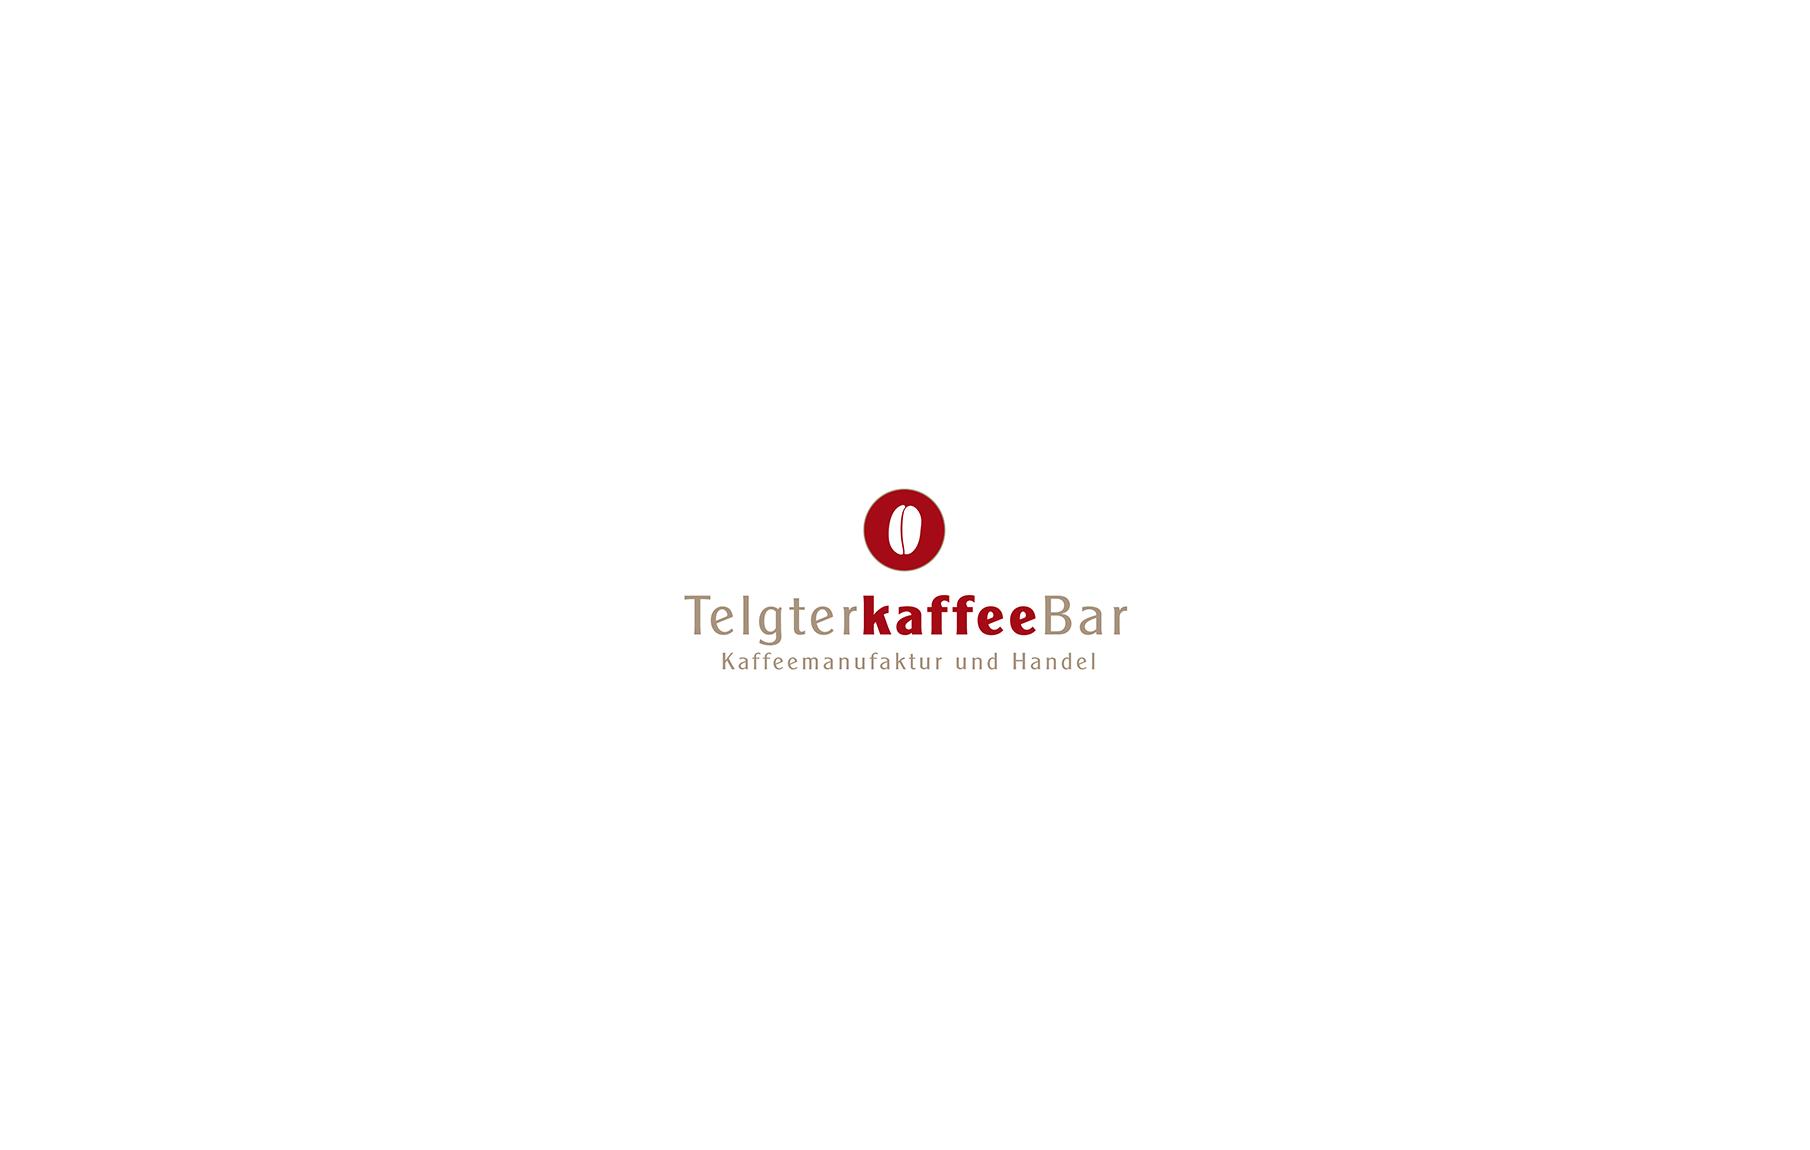 Telgter_Kaffeebar